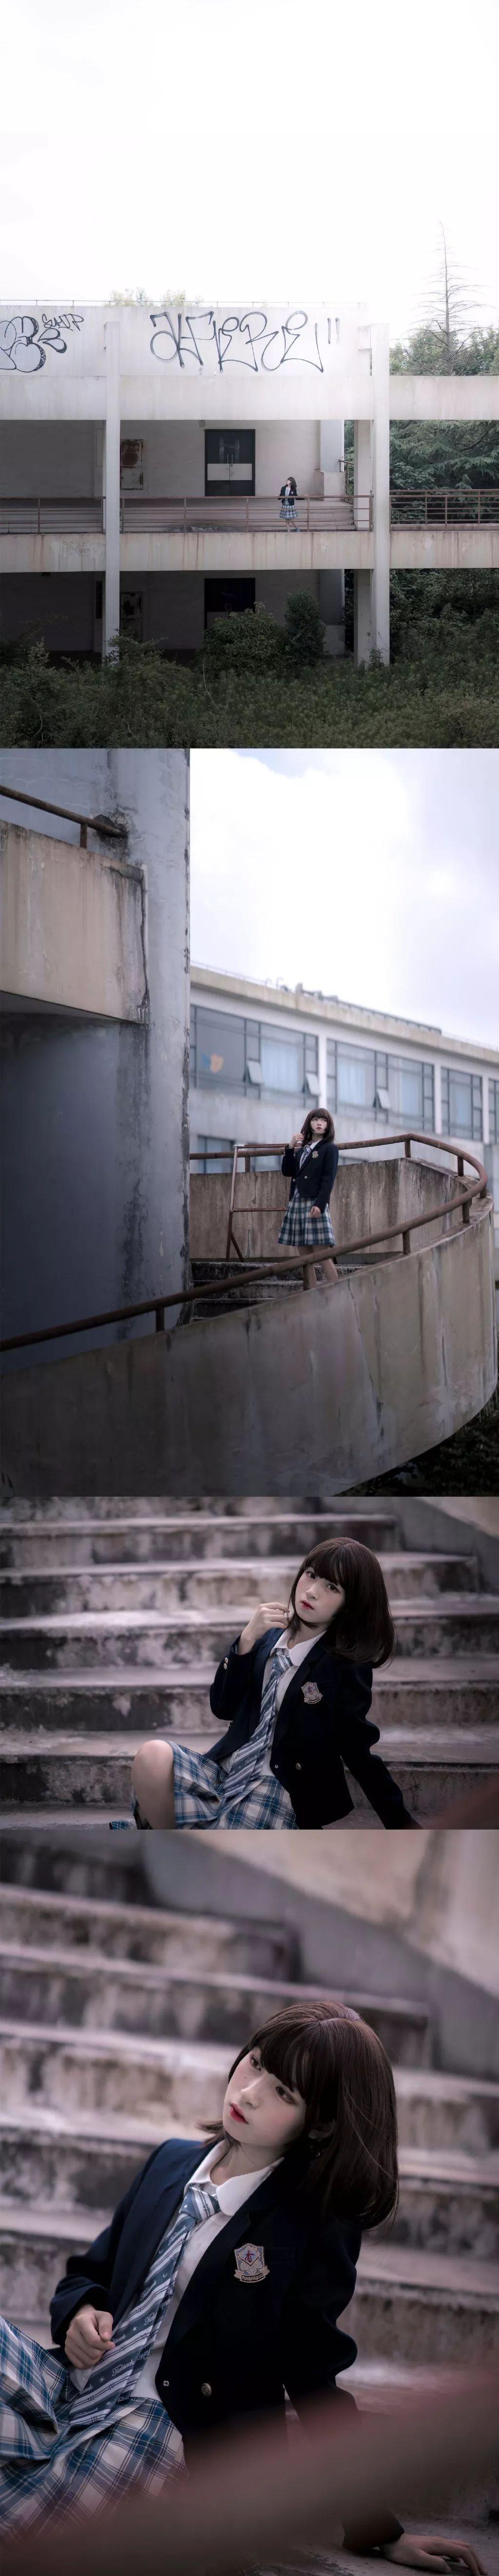 妹子摄影 – 短发jk制服少女 在破旧的教学室和一张椅子演绎颓废之美_图片 No.3